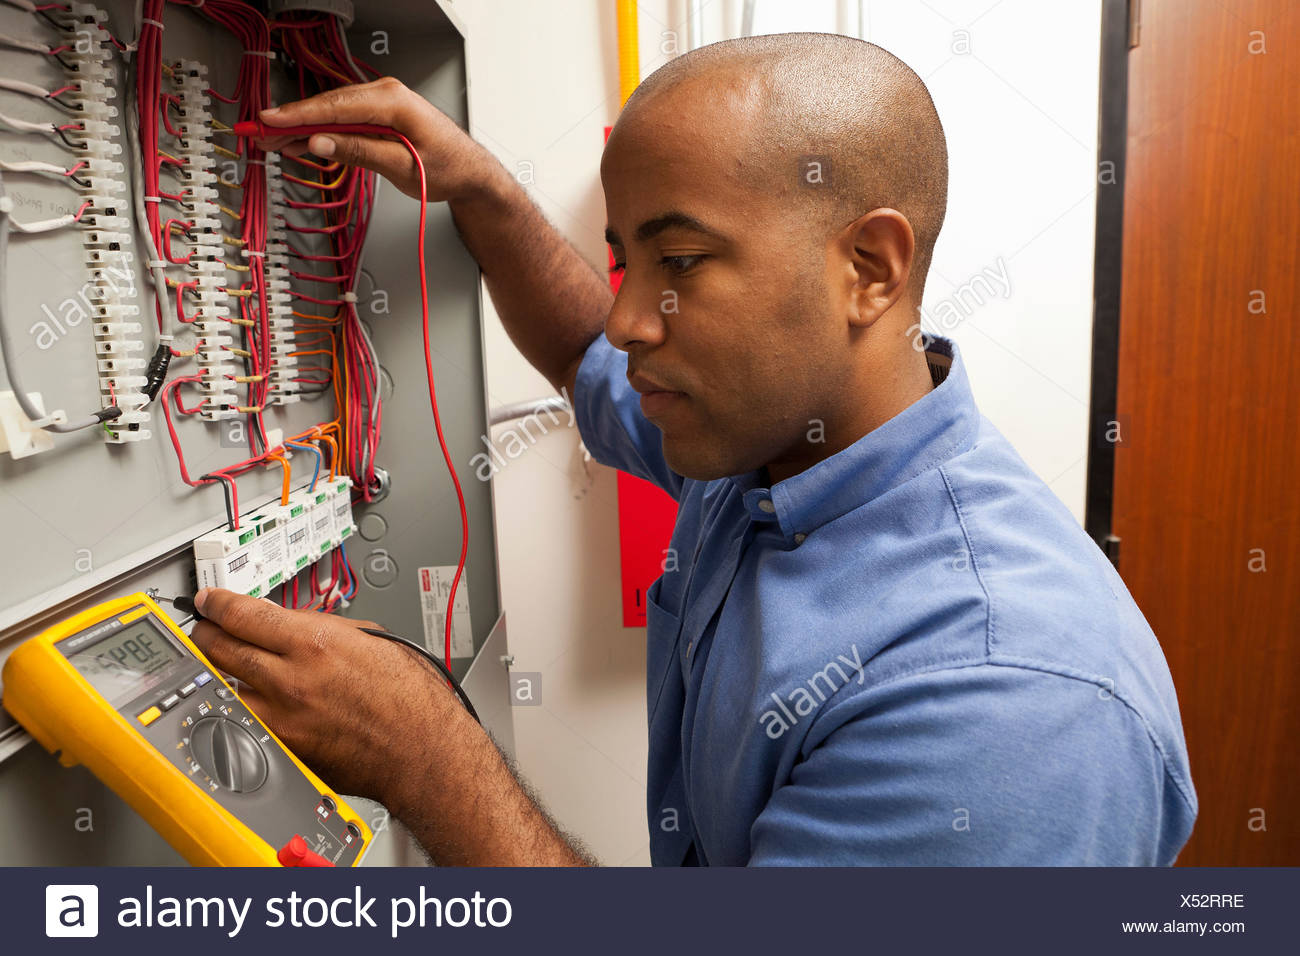 Adulto medio ingeniero eléctrico trabajando en la planta de fabricación Imagen De Stock